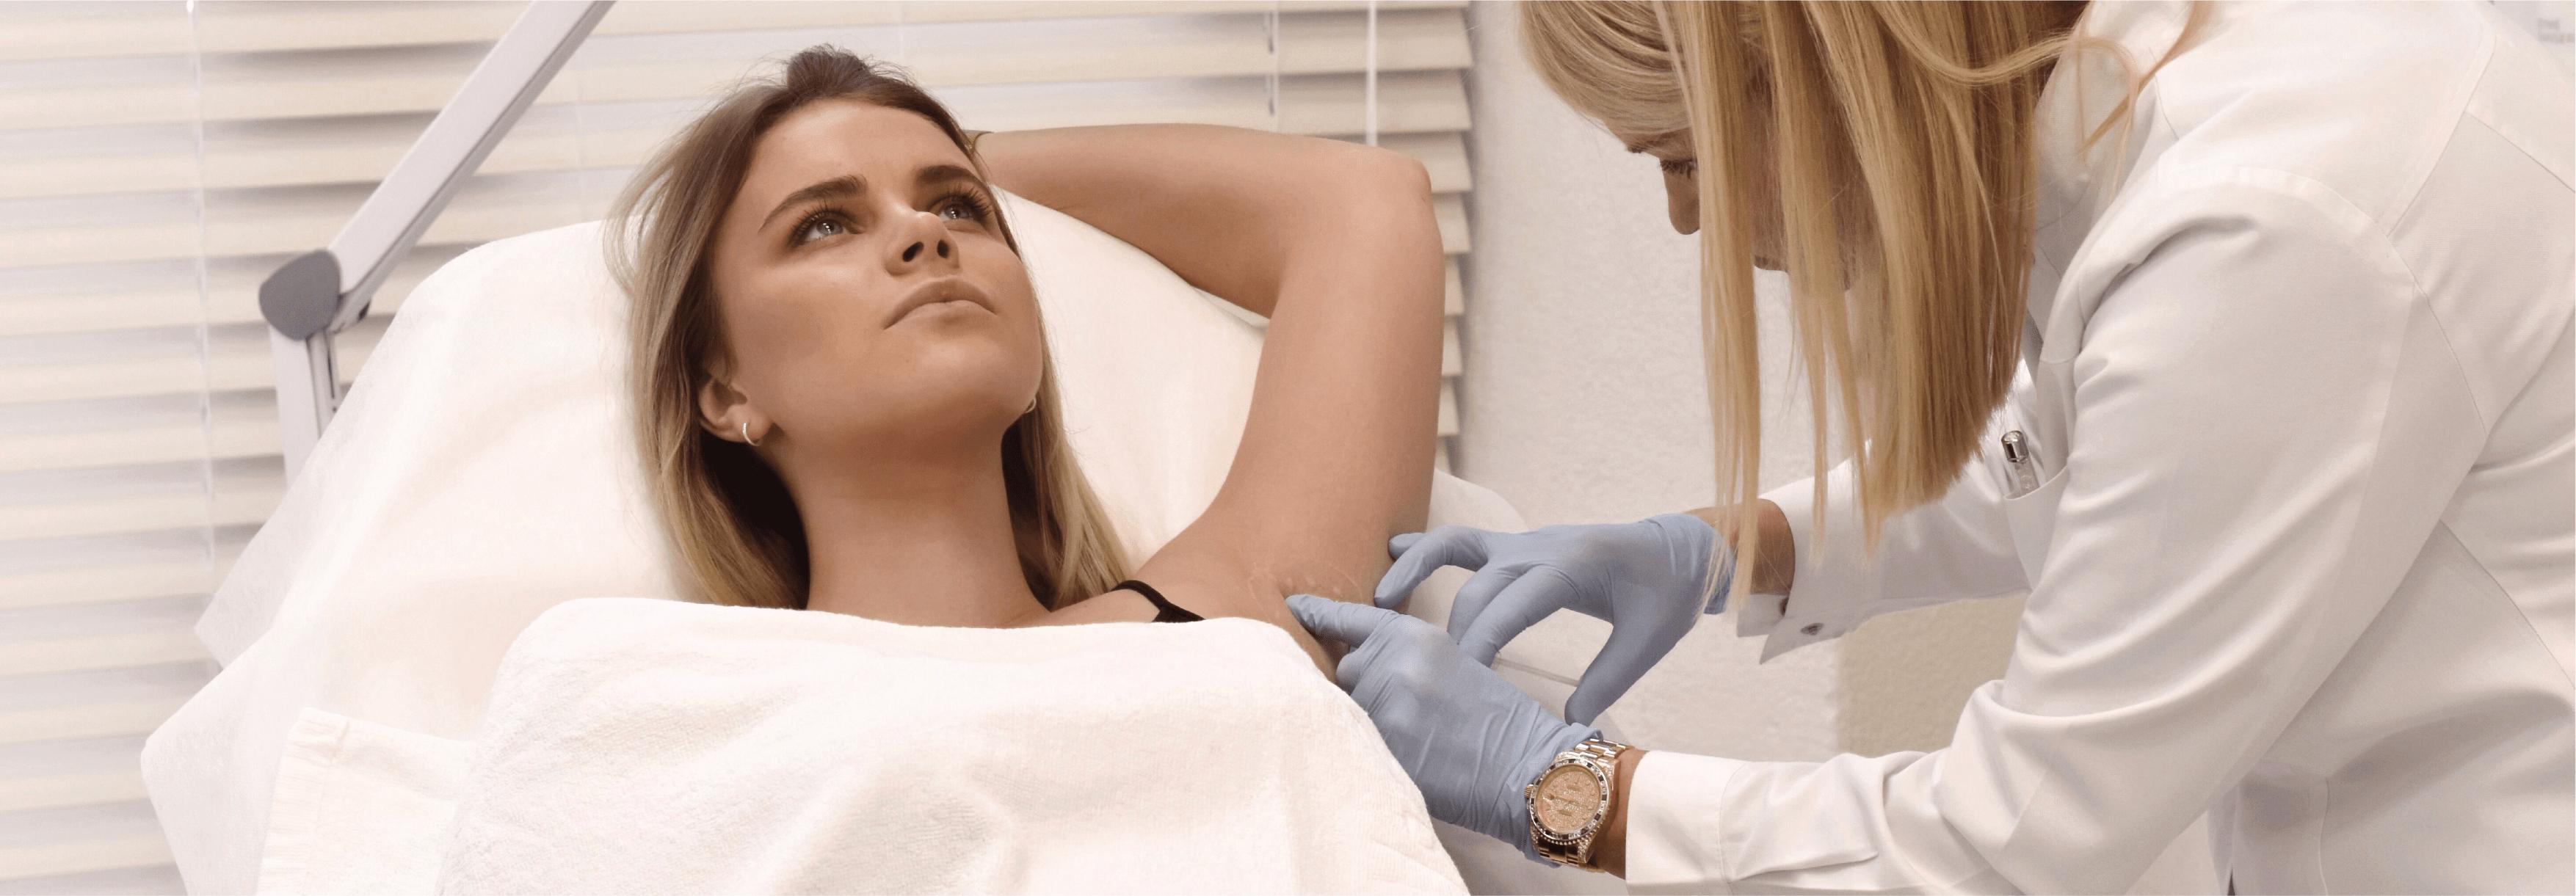 Prakaitavimo (hiperhidrozės) gydymas